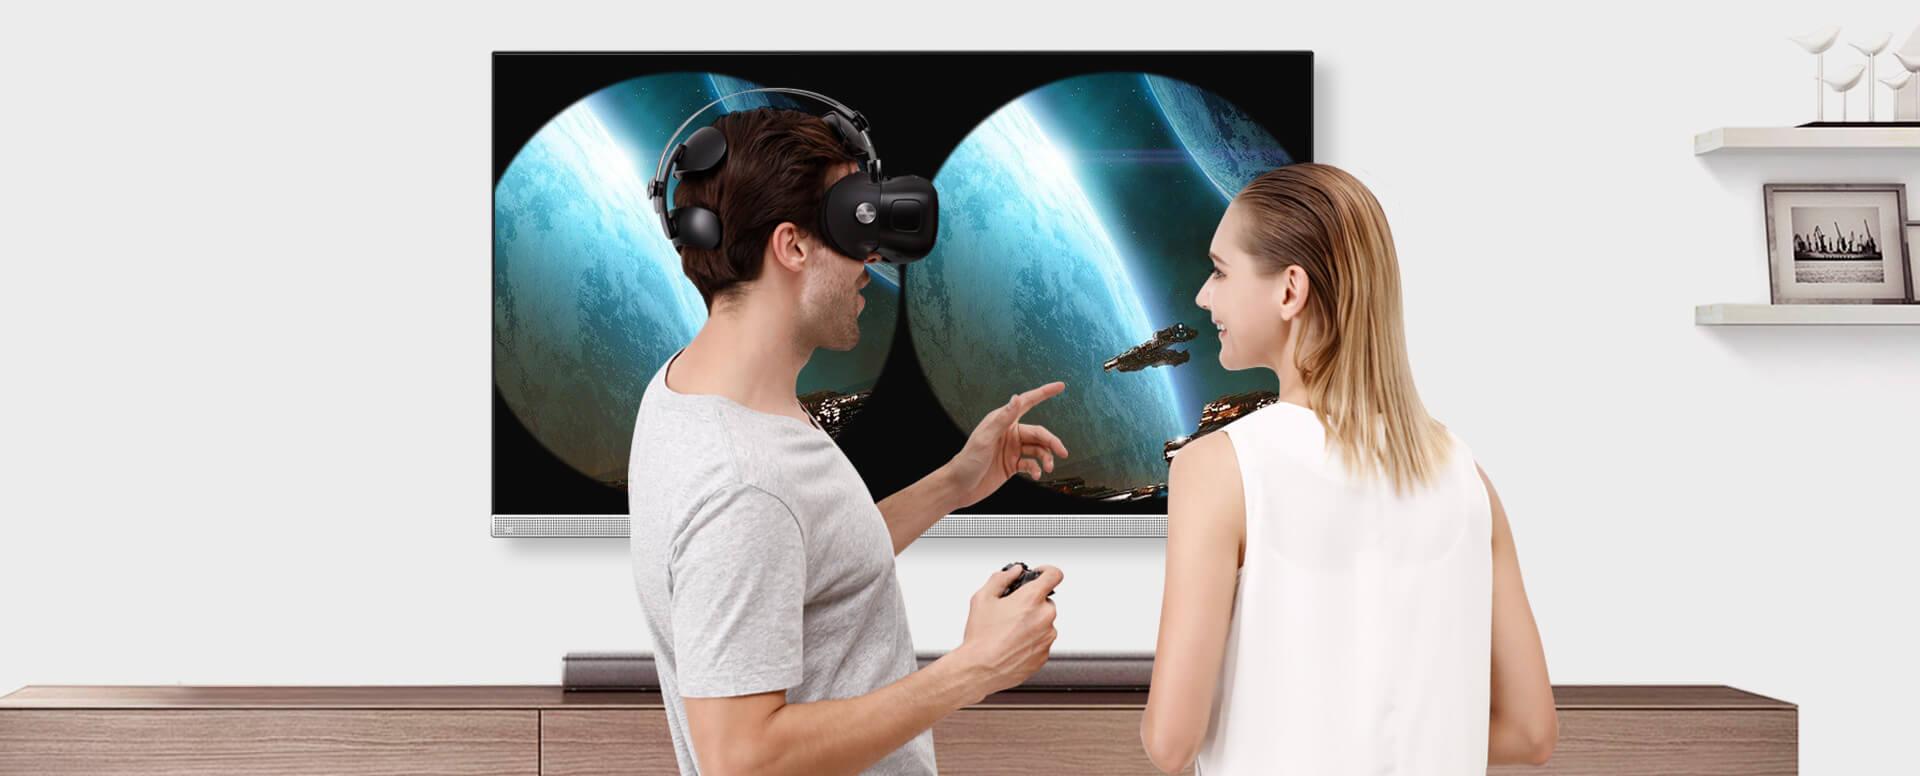 HDMI图像输出-酷开VR一体机